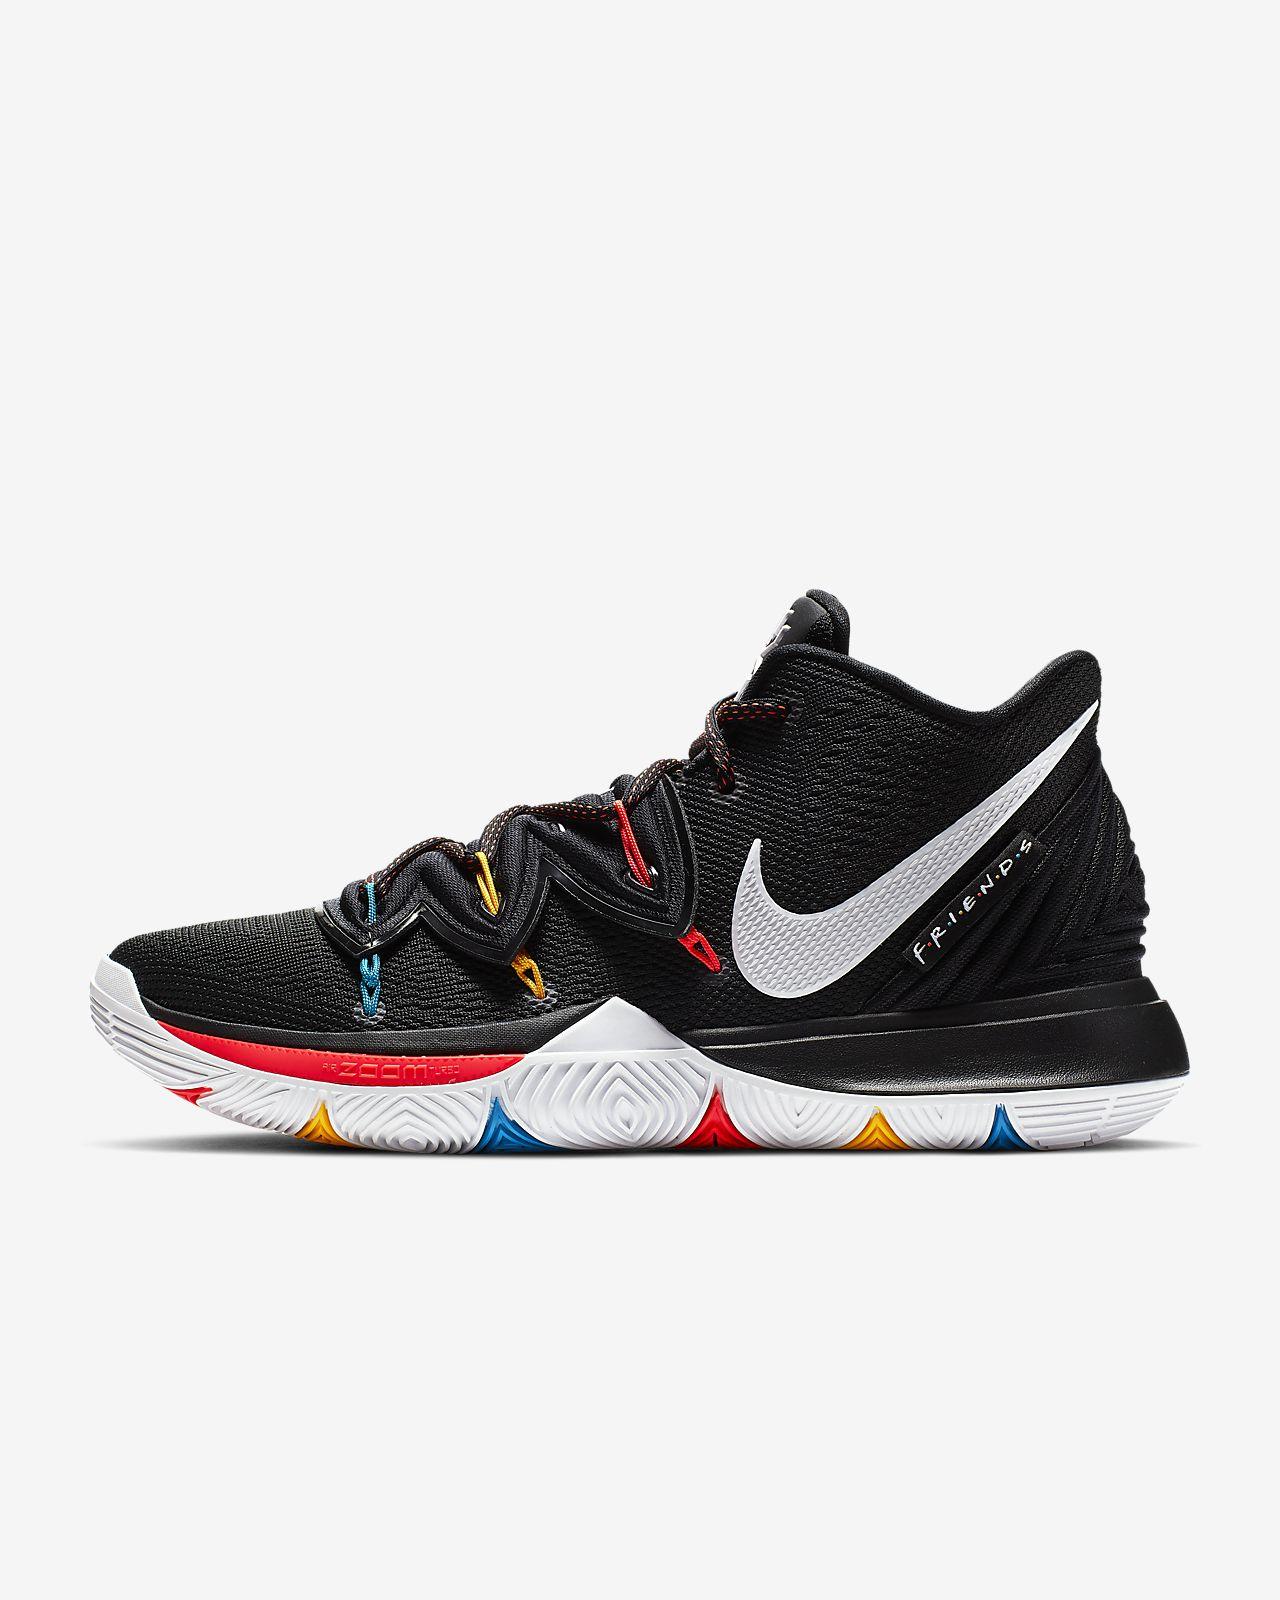 Баскетбольные кроссовки Kyrie 5 x Friends